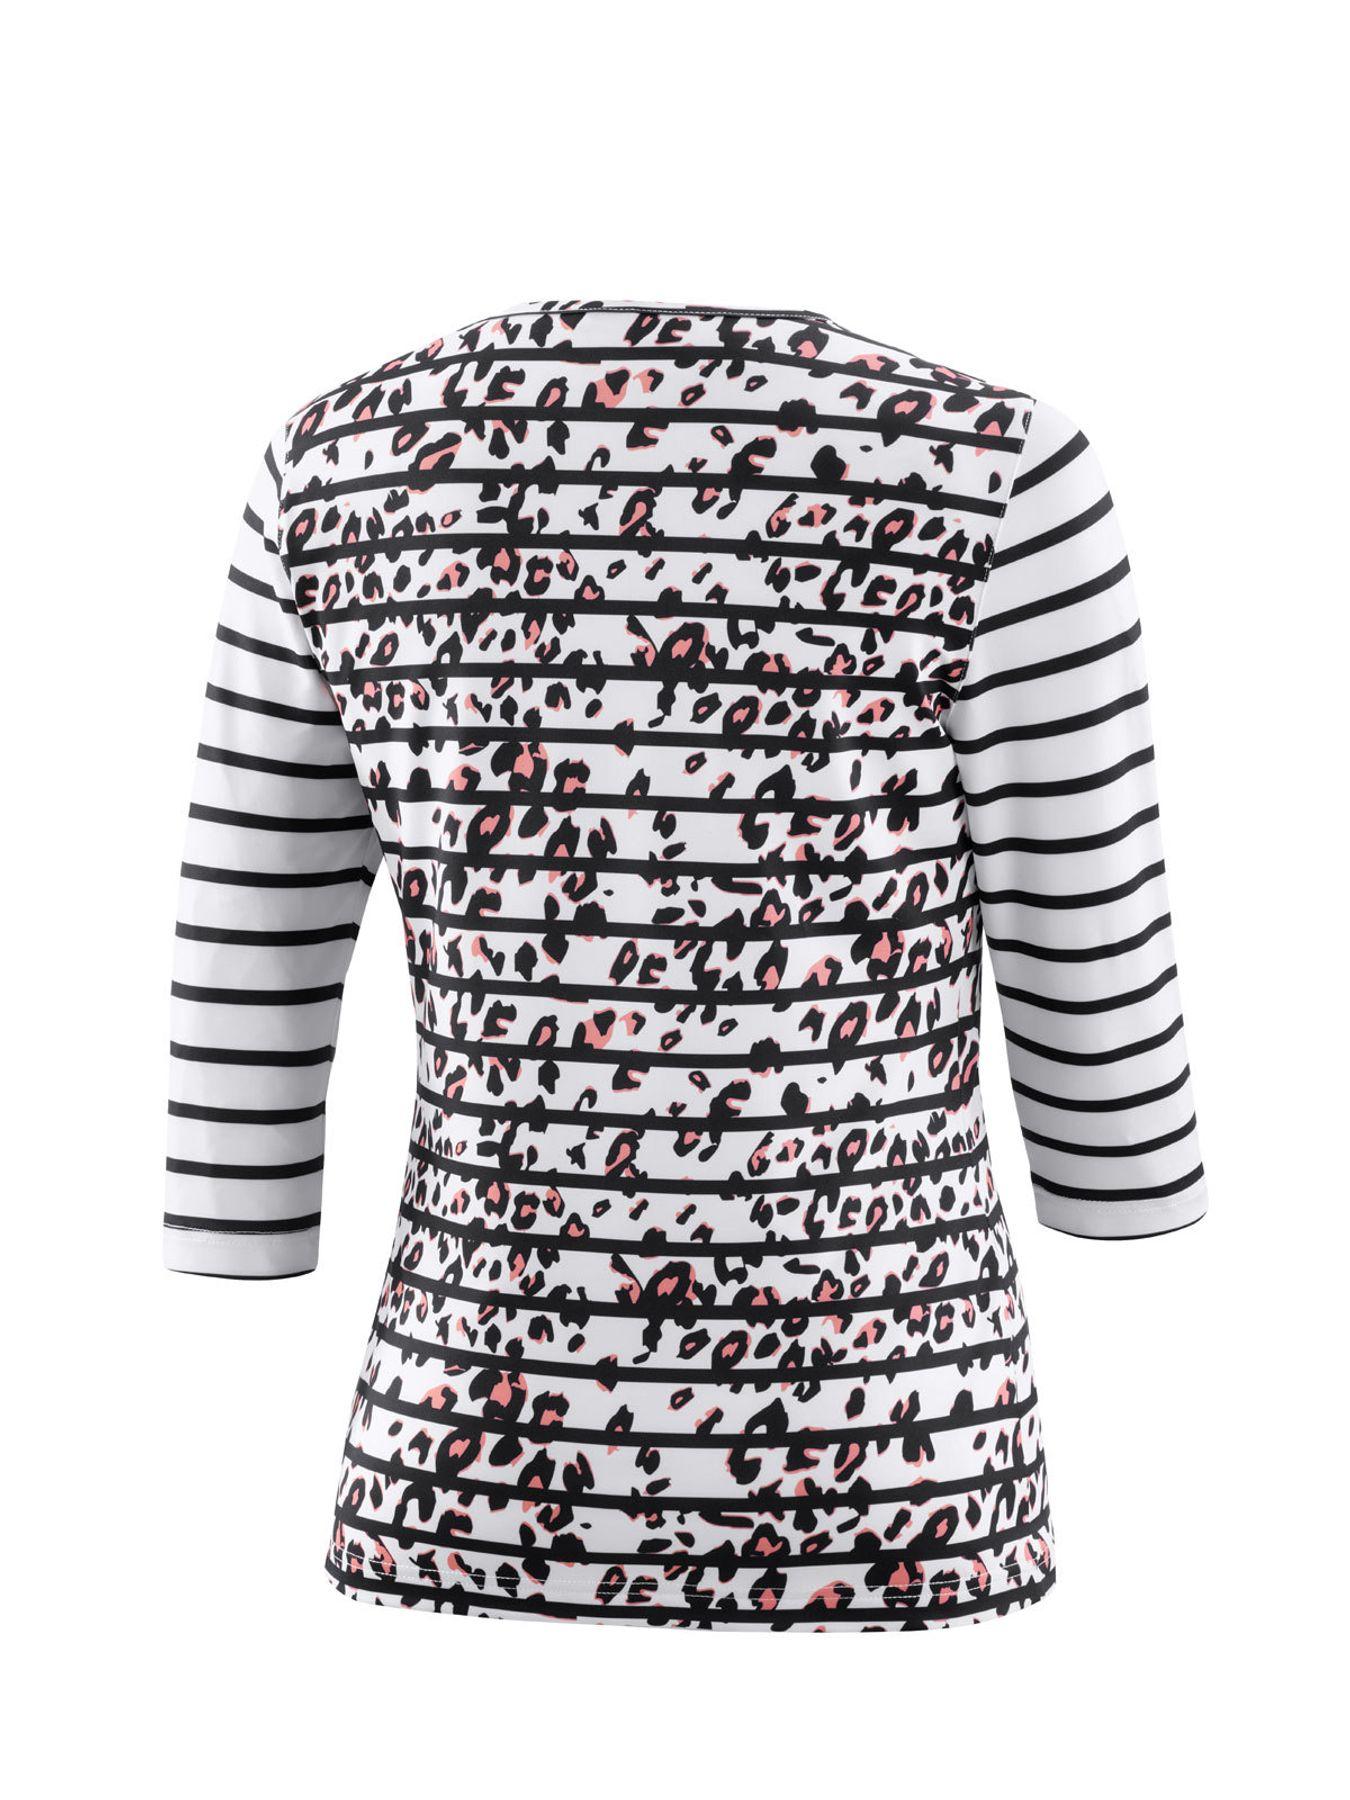 Joy - Damen Sport und Freizeit Shirt mit 3/4 Arm, gestreift, Zina (34517A) – Bild 17